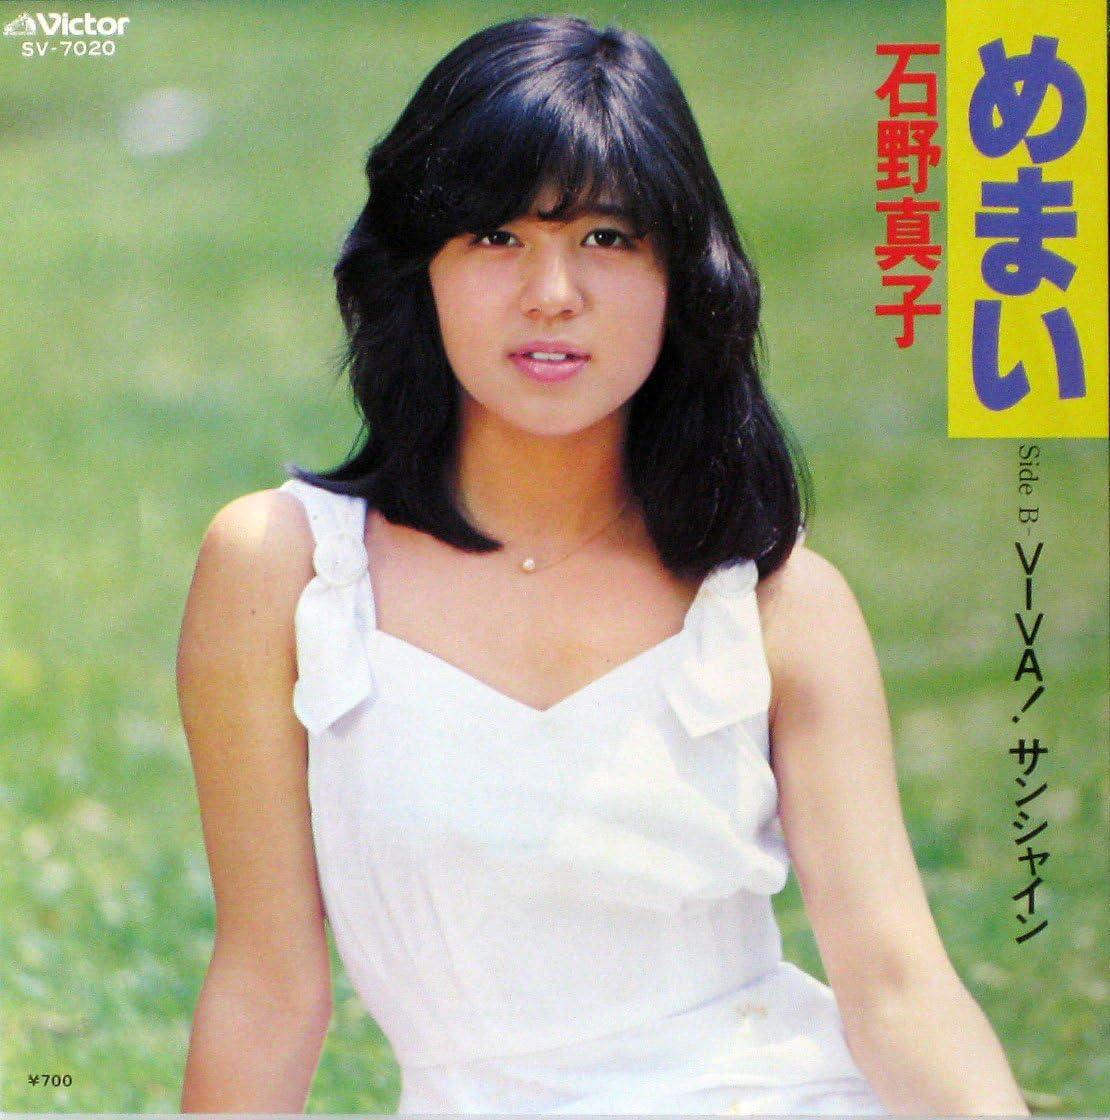 めまい Epレコード 7inch 石野真子